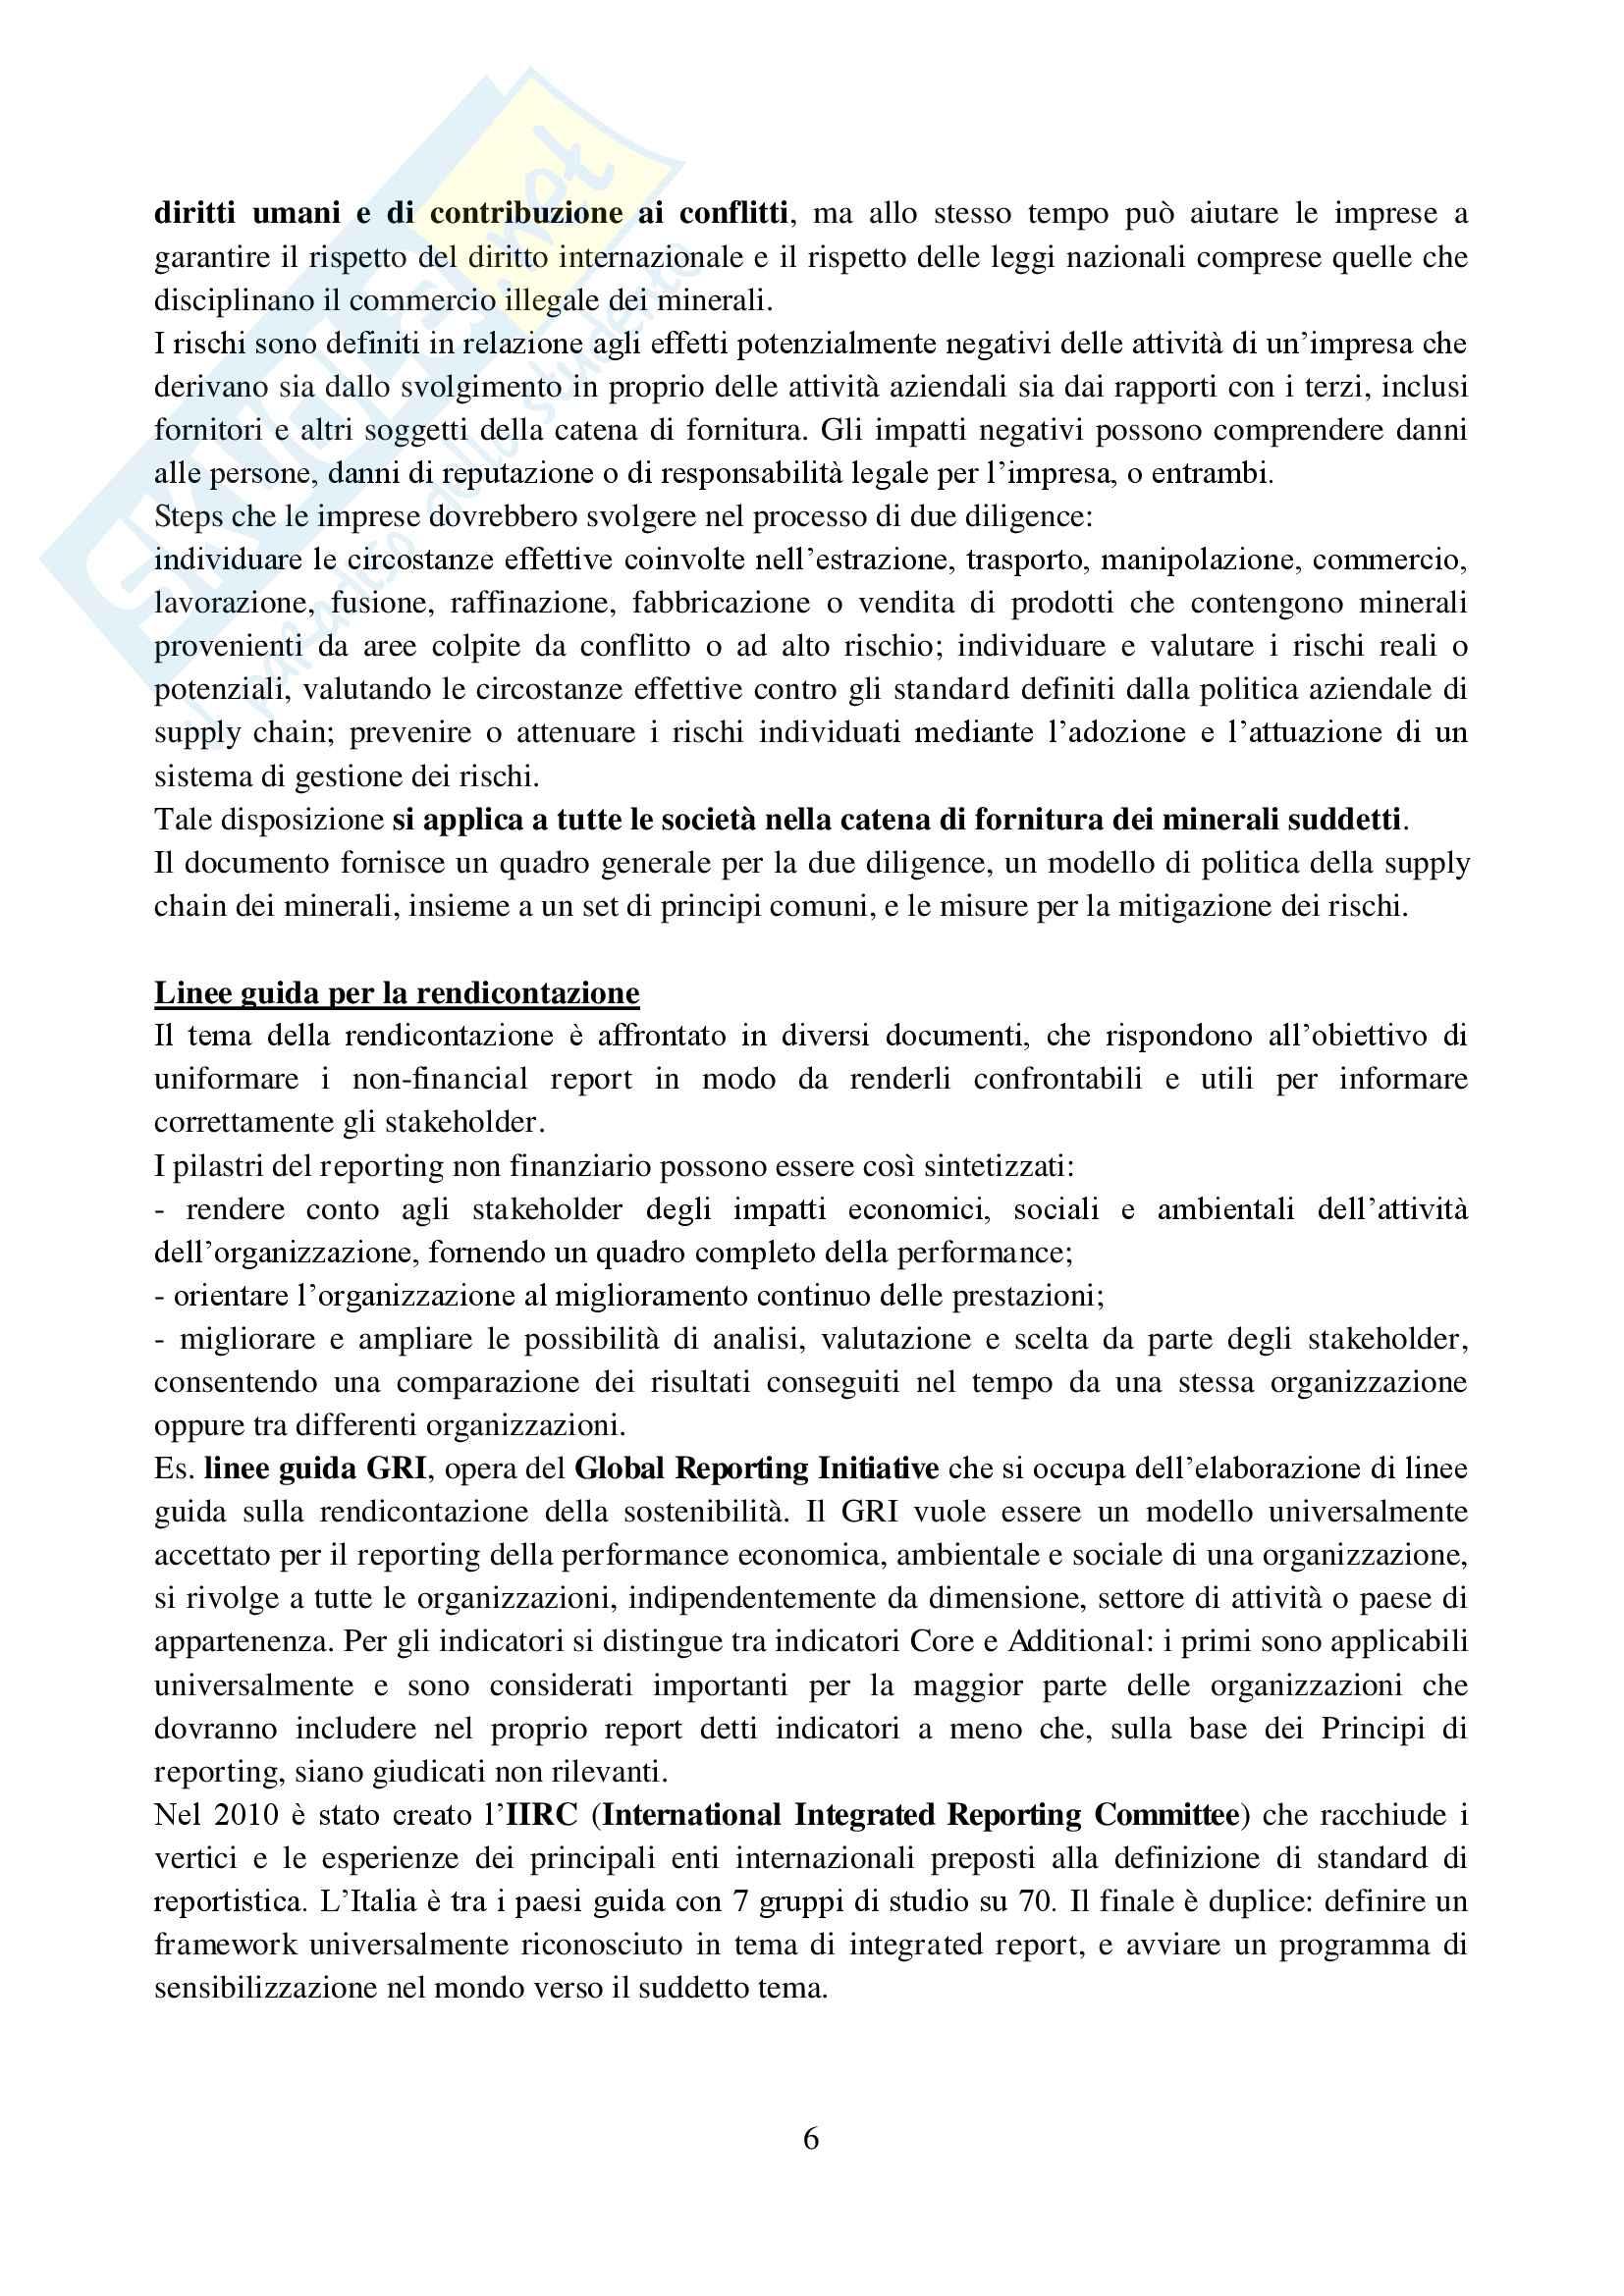 Riassunto esame Etica e mercato, prof. De Chiara, libro consigliato Stakeholder engagement per strategie di sostenibilità, De Chiara Pag. 6